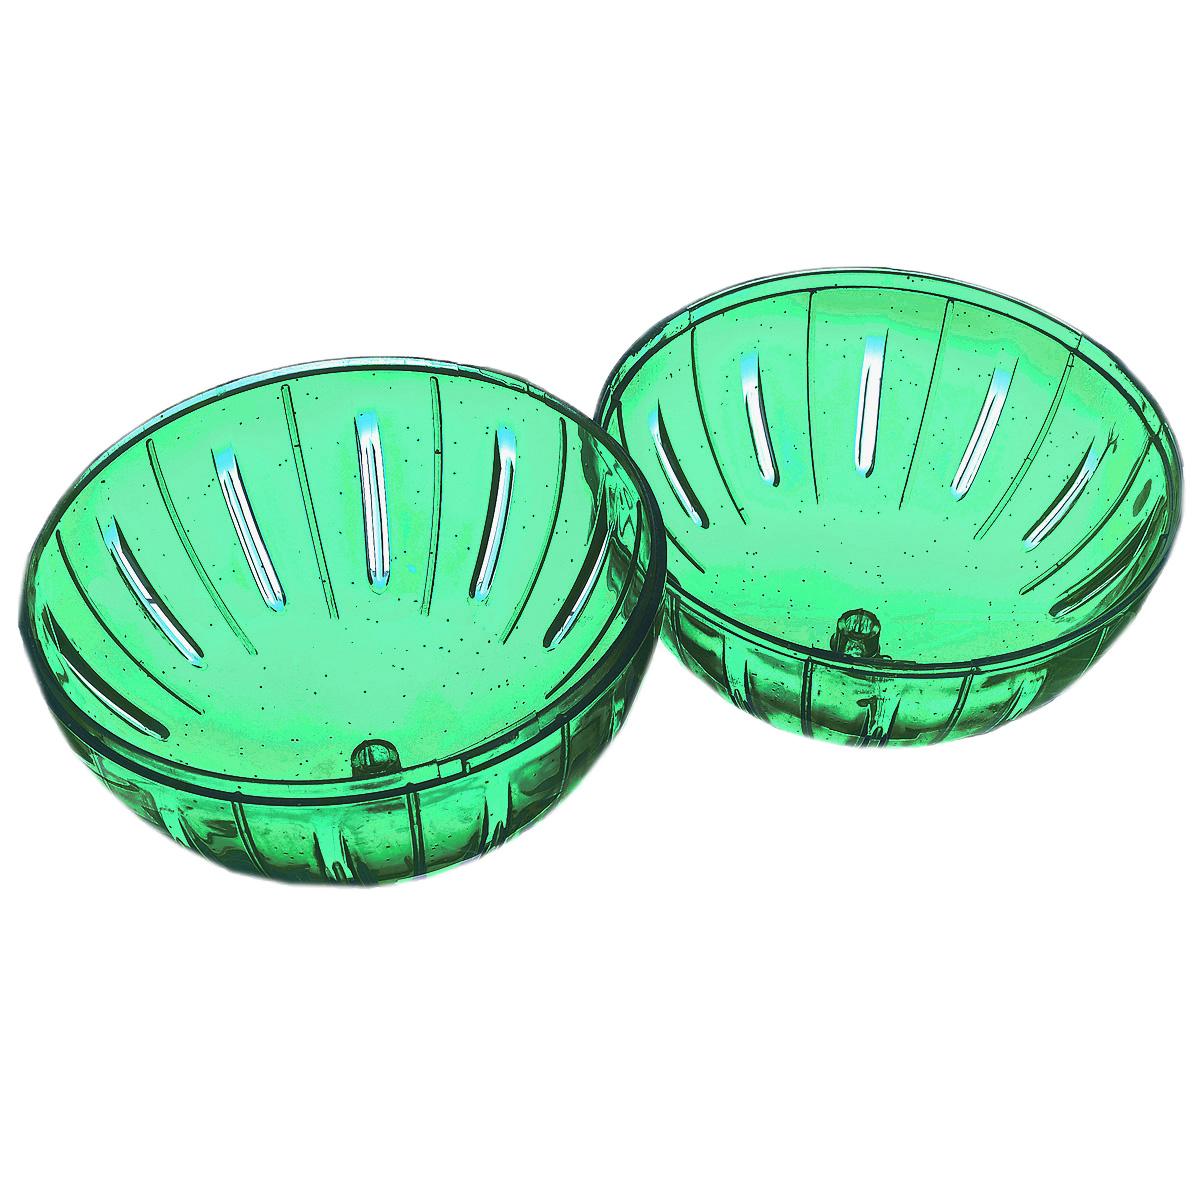 Игрушка для грызунов I.P.T.S. Шар прогулочный, цвет: зеленый, диаметр 12 см16111_805634 зеленыйИгрушка для грызунов I.P.T.S. Шар прогулочный изготовлена из нетоксичного высококачественного пластика. Шар легко моется. Устойчивая конструкция с защелкивающимися дверцами обеспечит безопасность и предохранит вашего питомца от побега. Большие вентиляционные отверстия обеспечивают хорошую циркуляцию воздуха, а специально разработанные выступы для лап - удобство при передвижении. Прогулка в таком шаре обеспечит грызуну нагрузку, а значит, поможет поддержать хорошую физическую форму.Чтобы правильно подобрать шар, следует измерить длину животного: диаметр шара должен быть чуть больше, чем длина вашего питомца.Диаметр шара: 12 см.